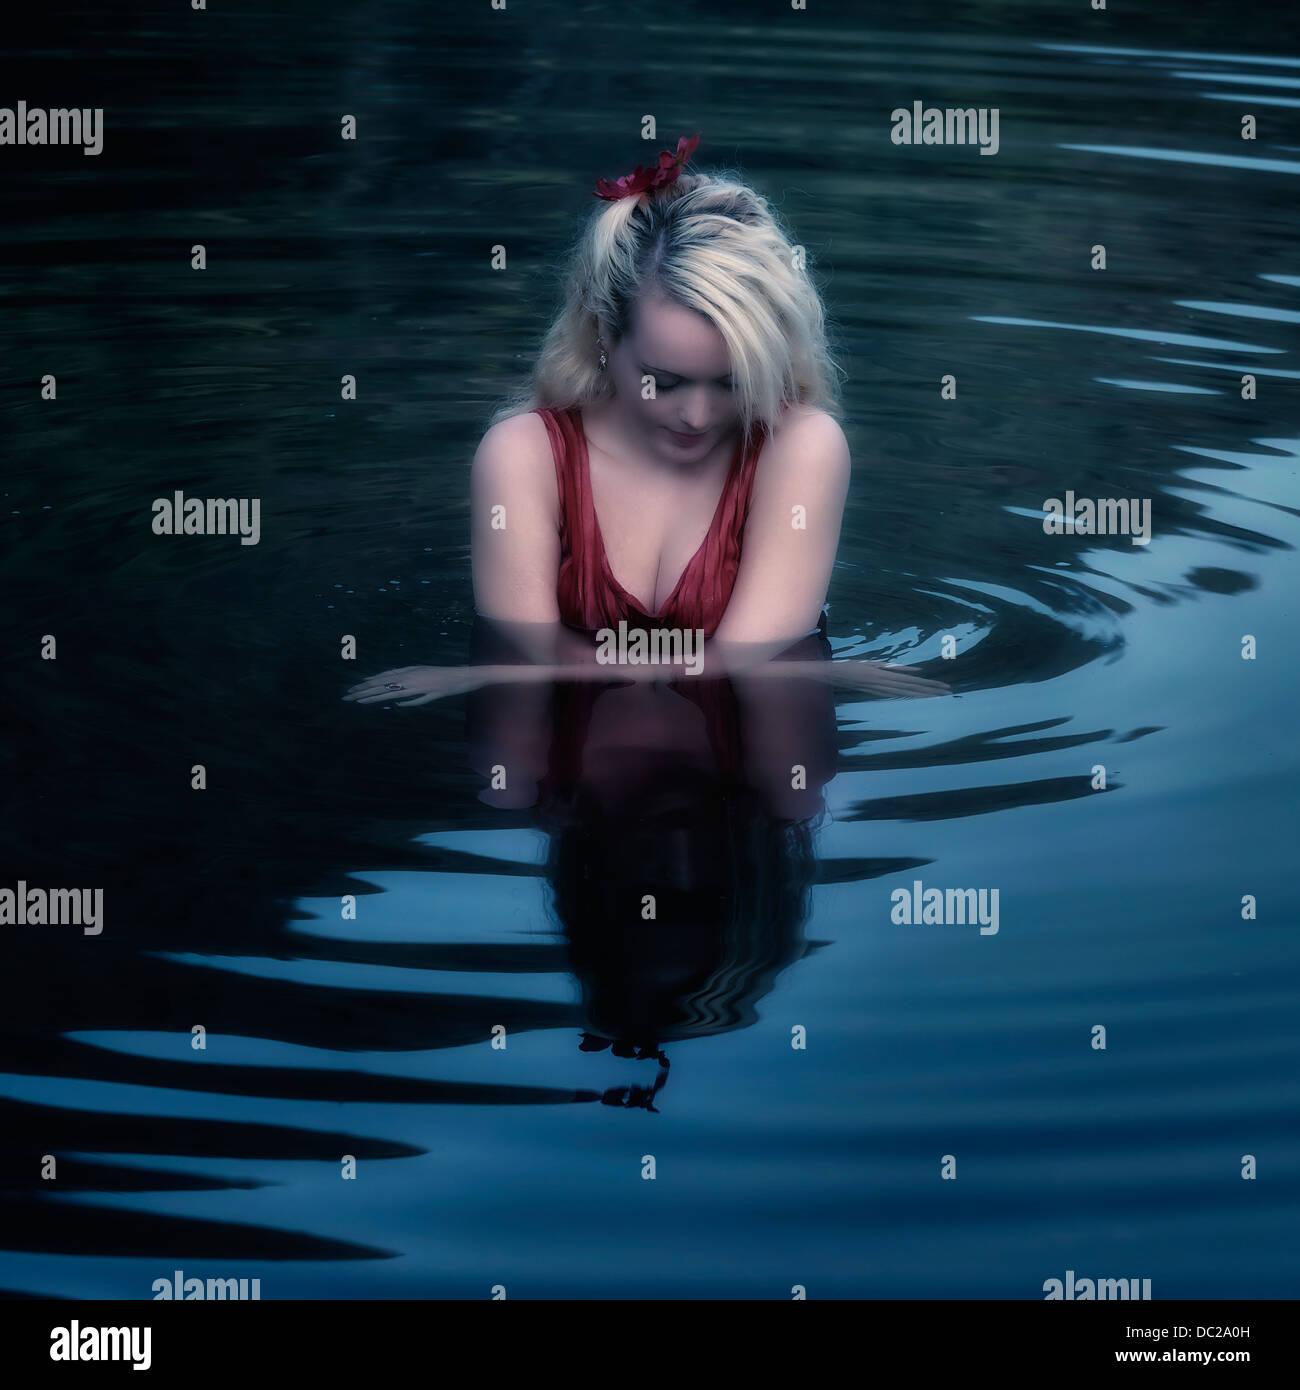 eine Frau in einem roten Kleid ist in einem See schwimmen. Stockbild